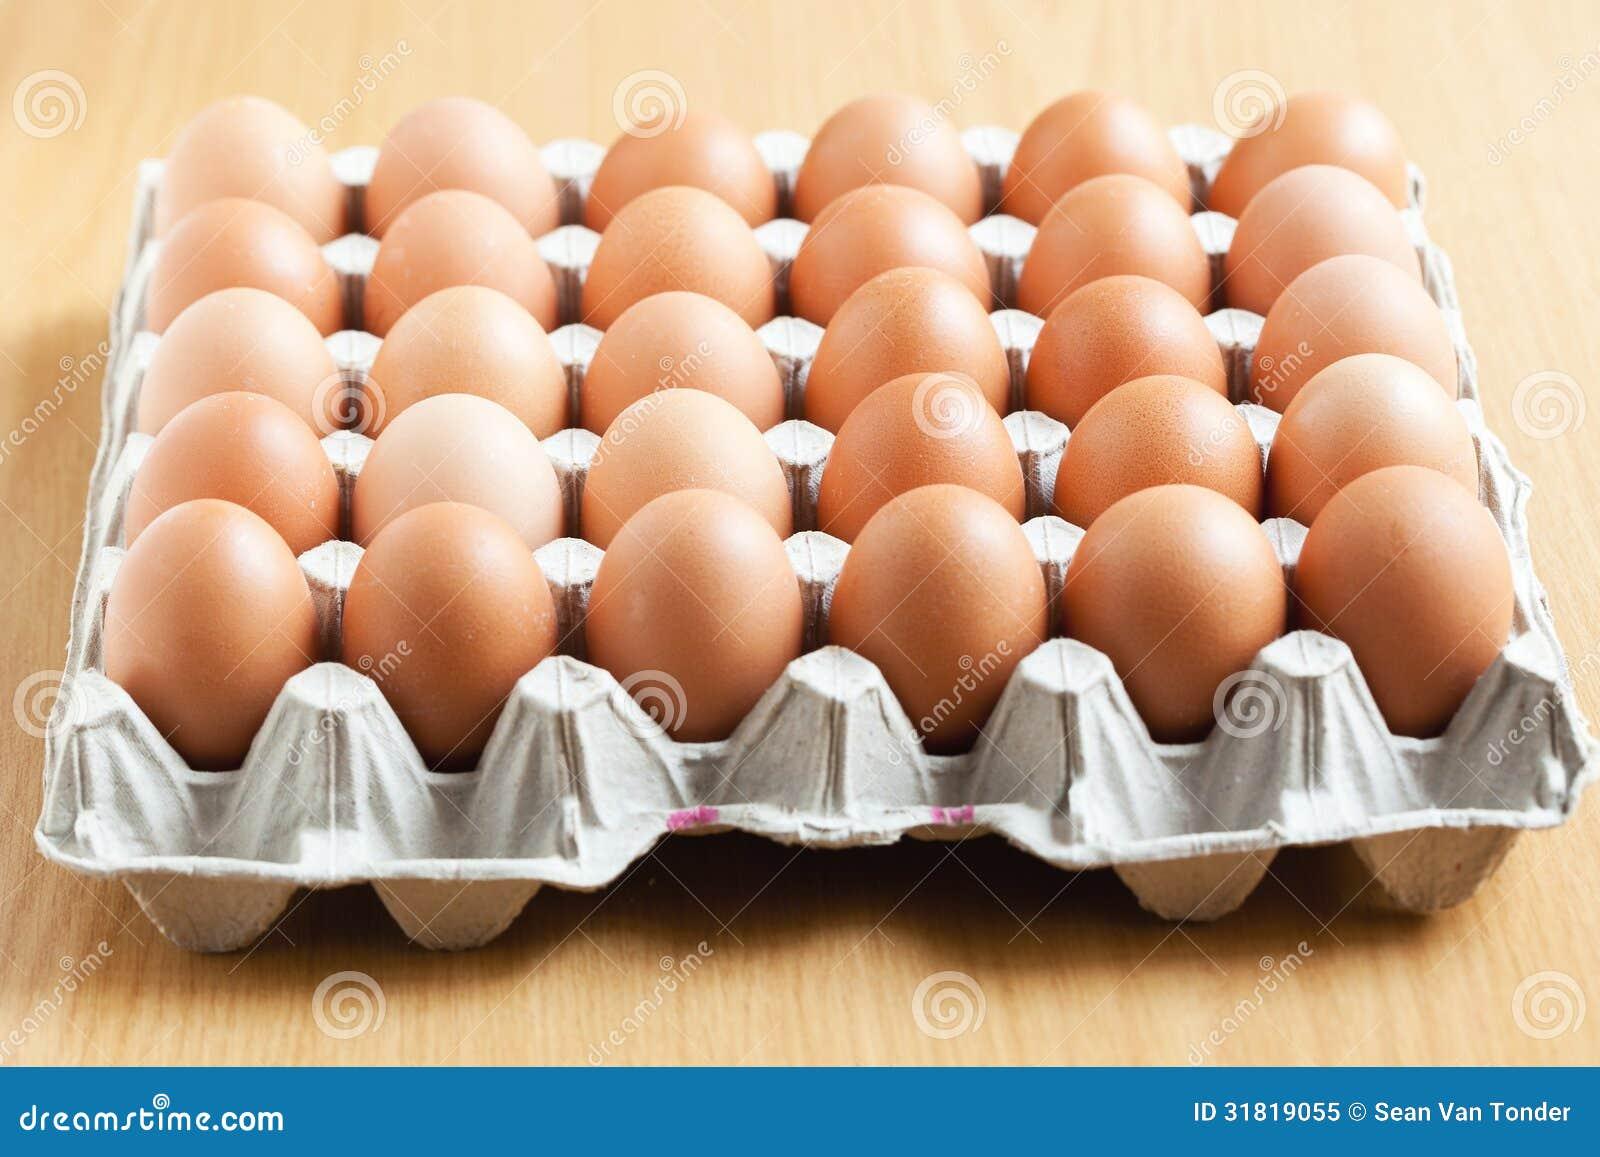 Bandeja de huevos en el empaquetado imagen de archivo for Bandejas para huevos